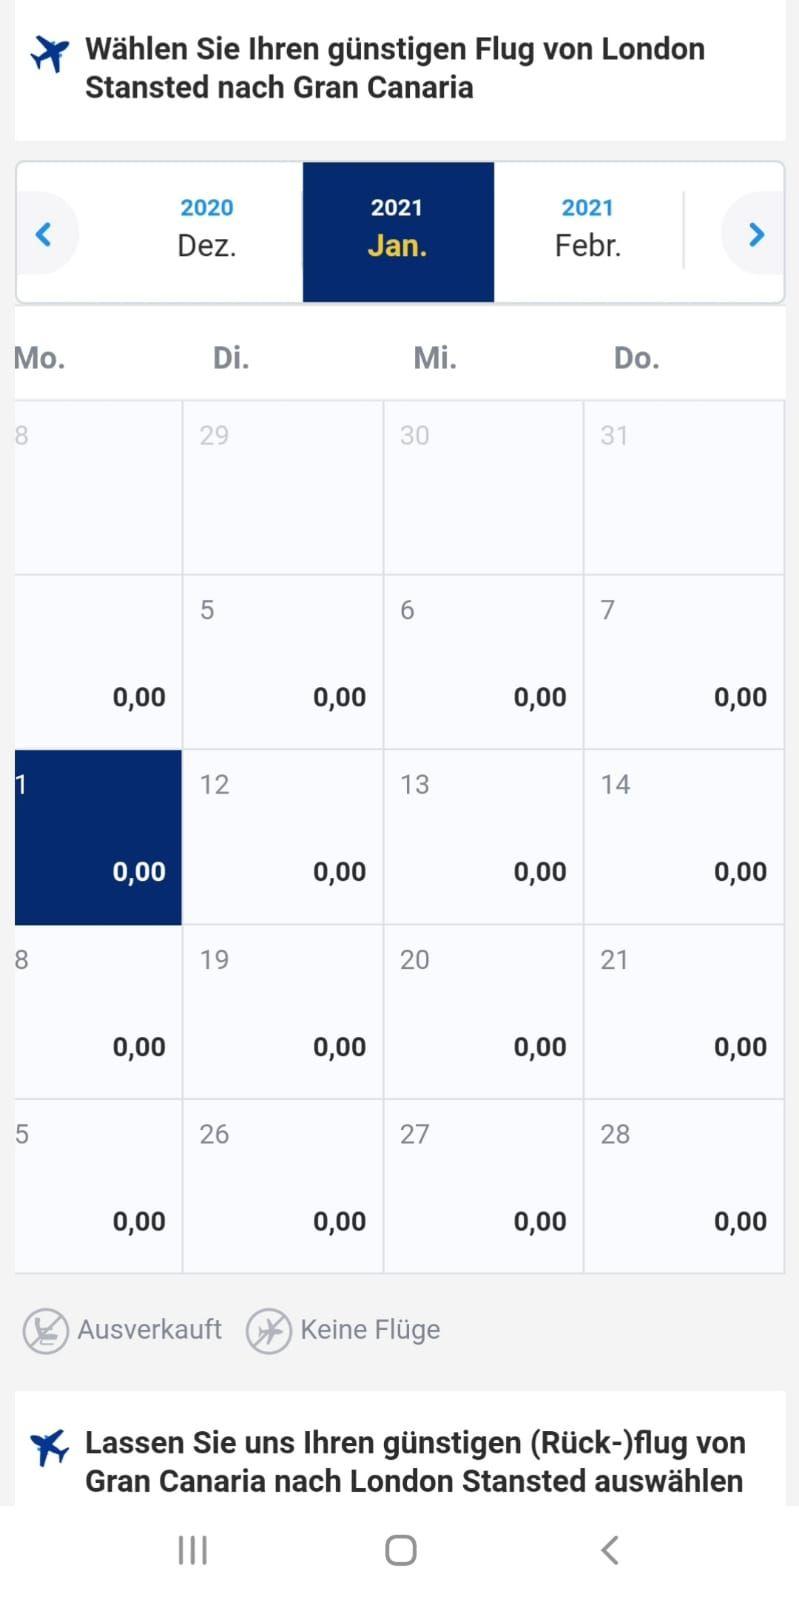 Error Fare/Preisfehler: Für 0,00€ nach Gran Canaria mit Ryanair (Jan - Mär)